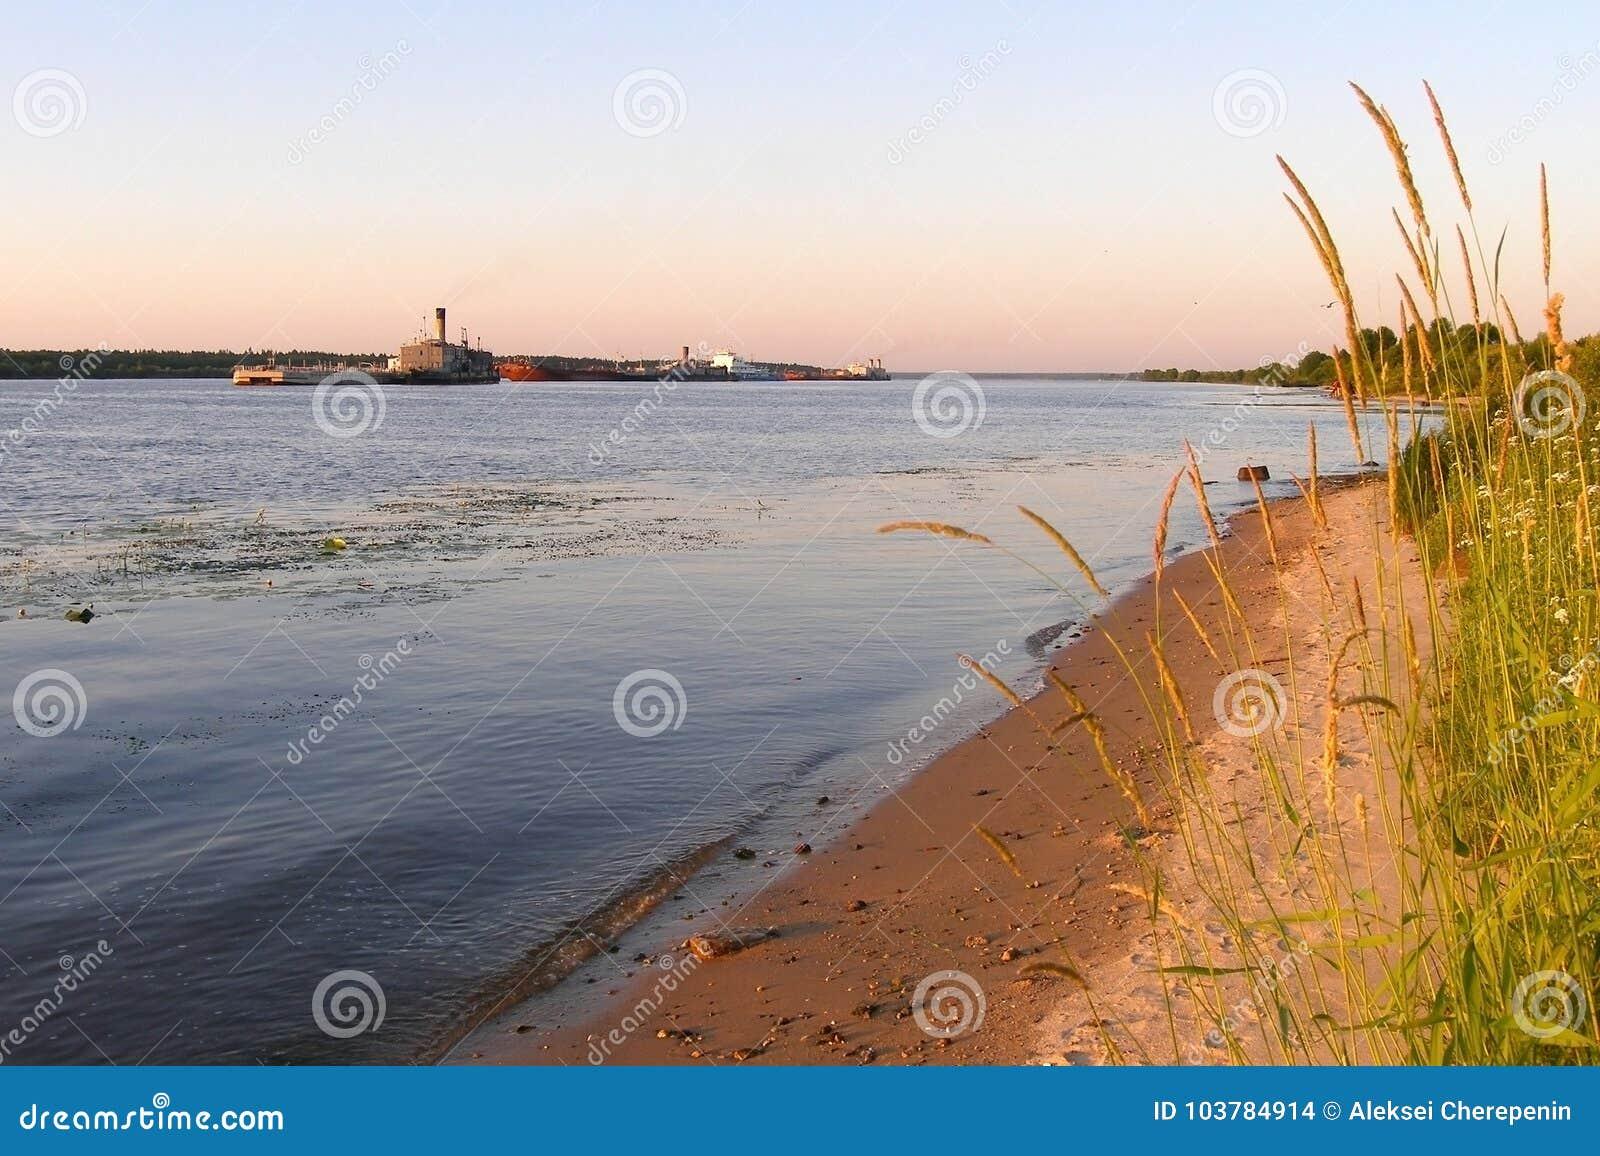 Φορτηγίδες και κουκκιστήρια στον ποταμό του Βόλγα το καλοκαίρι, αμμώδης όχθη ποταμού, περιοχή Yaroslavl